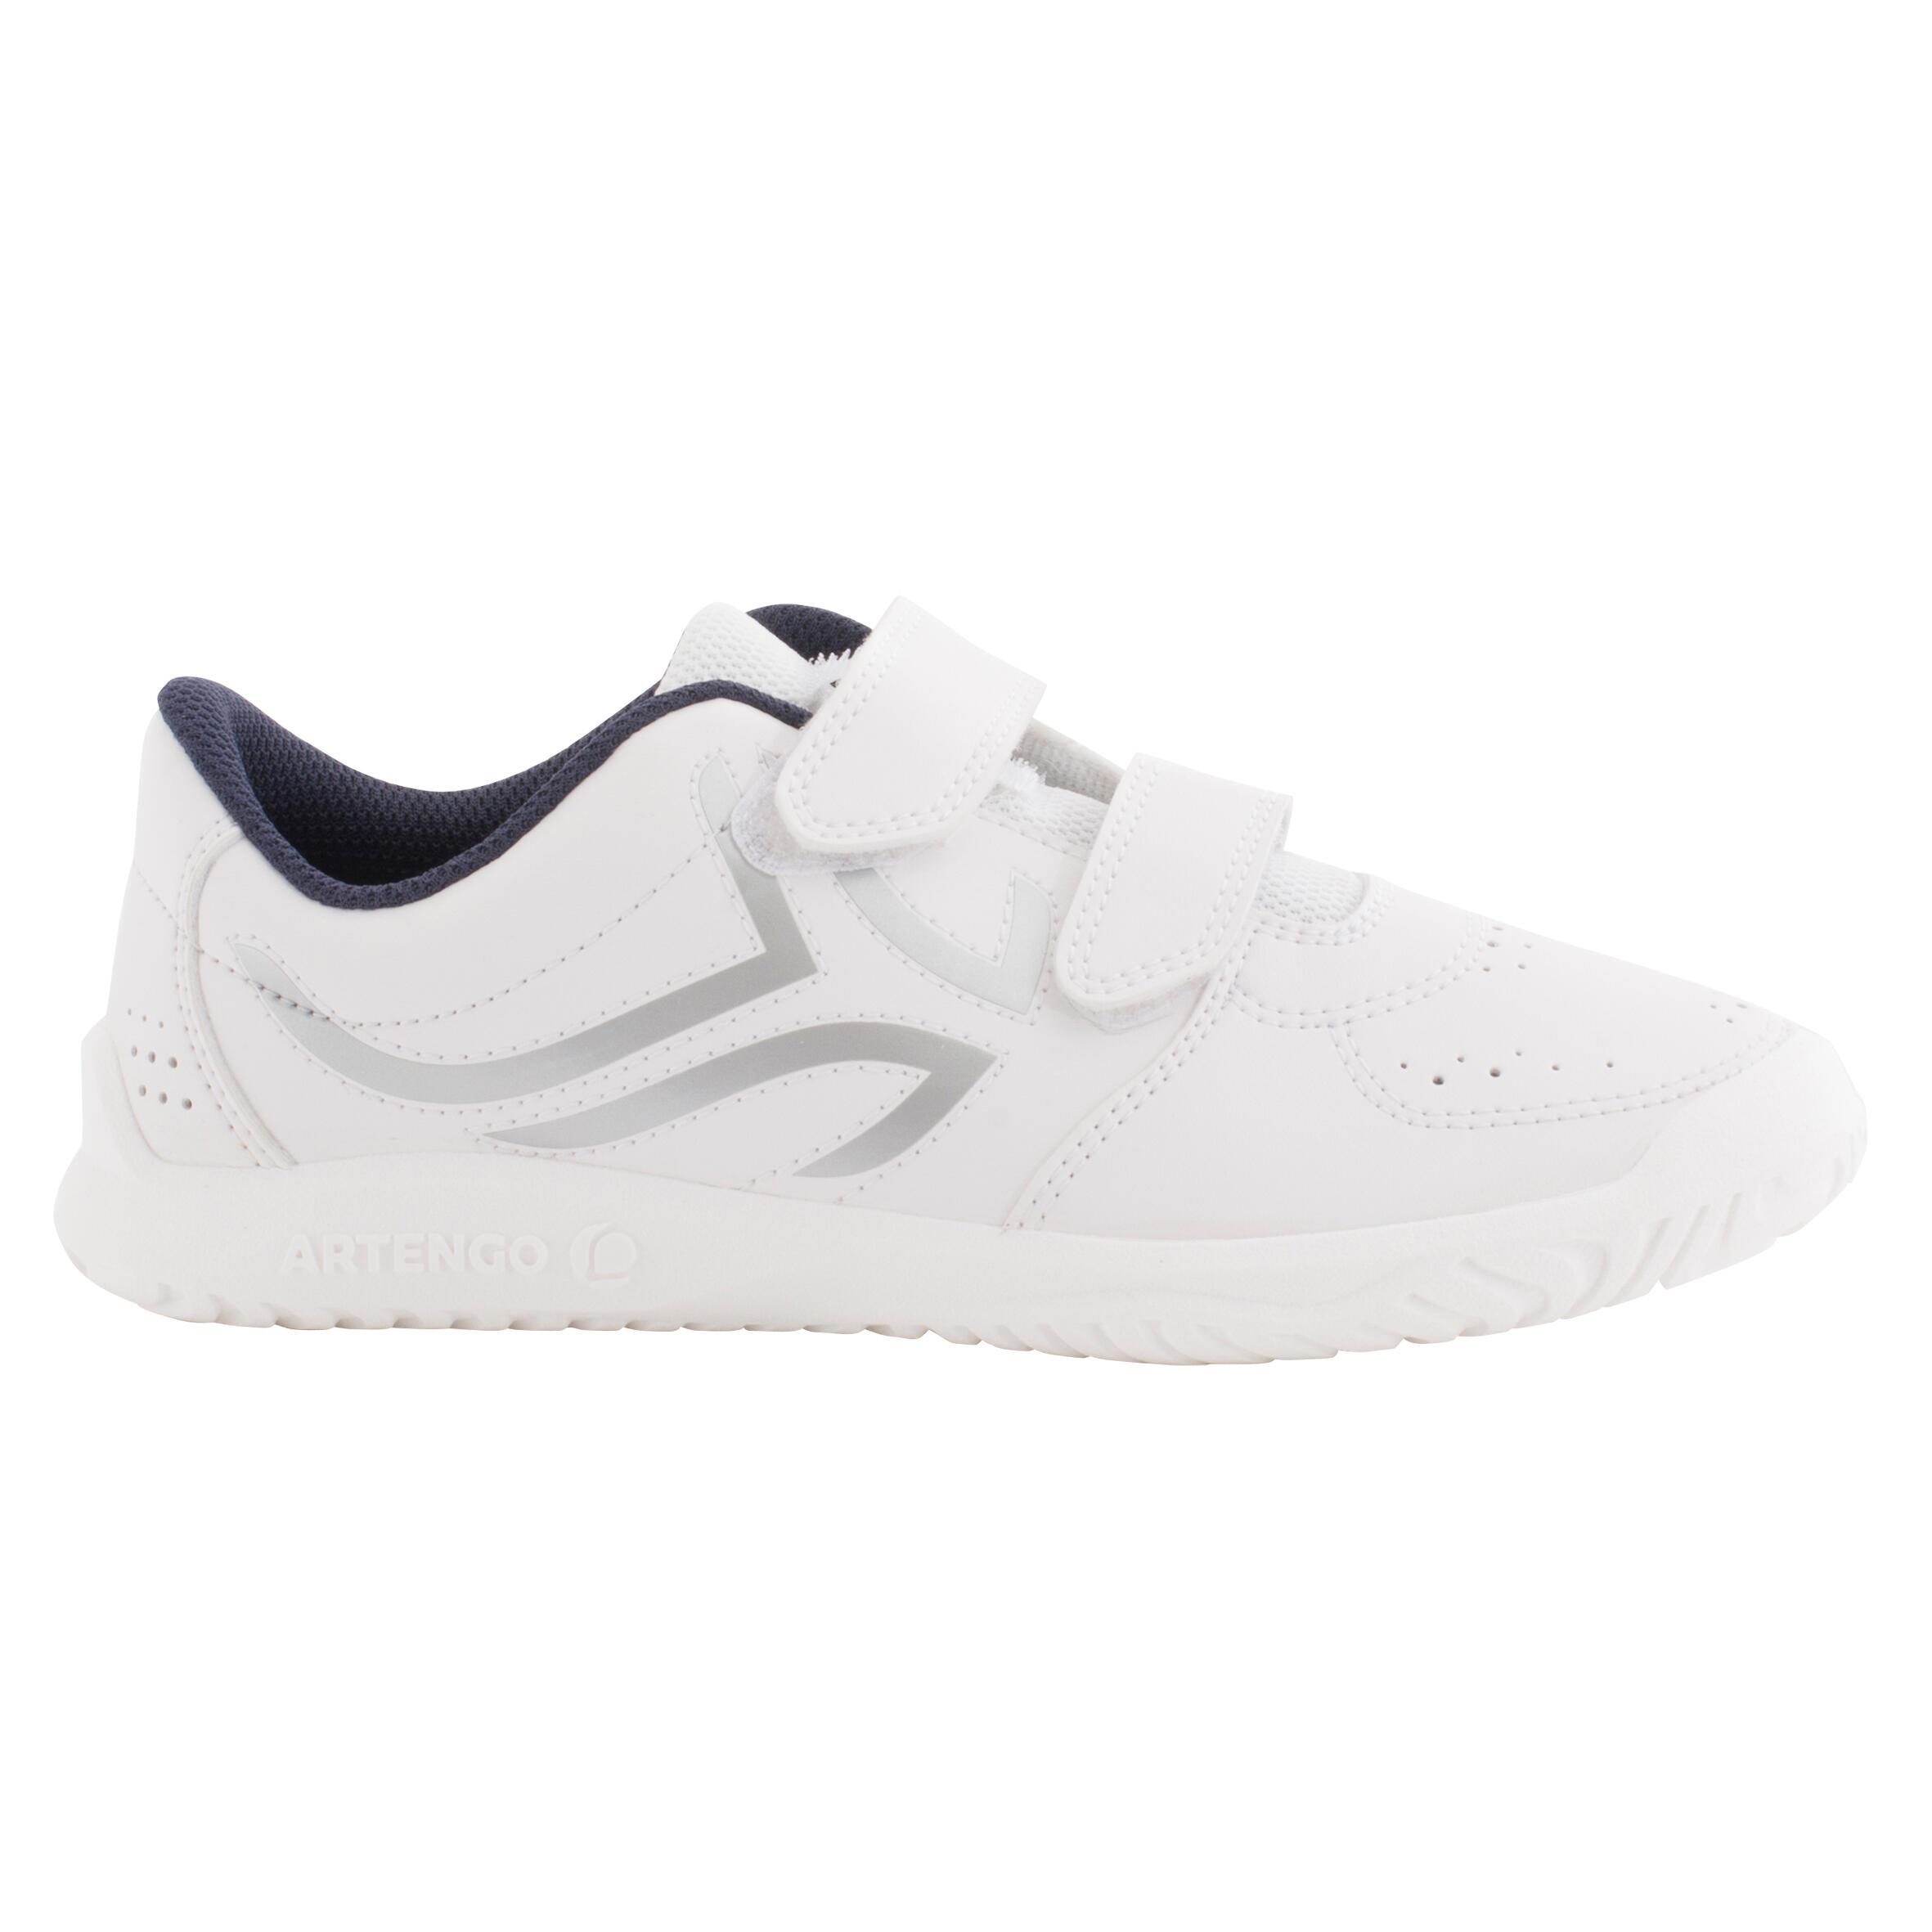 Superioridad historia reserva  zapatillas adidas blancas decathlon - Tienda Online de Zapatos, Ropa y  Complementos de marca